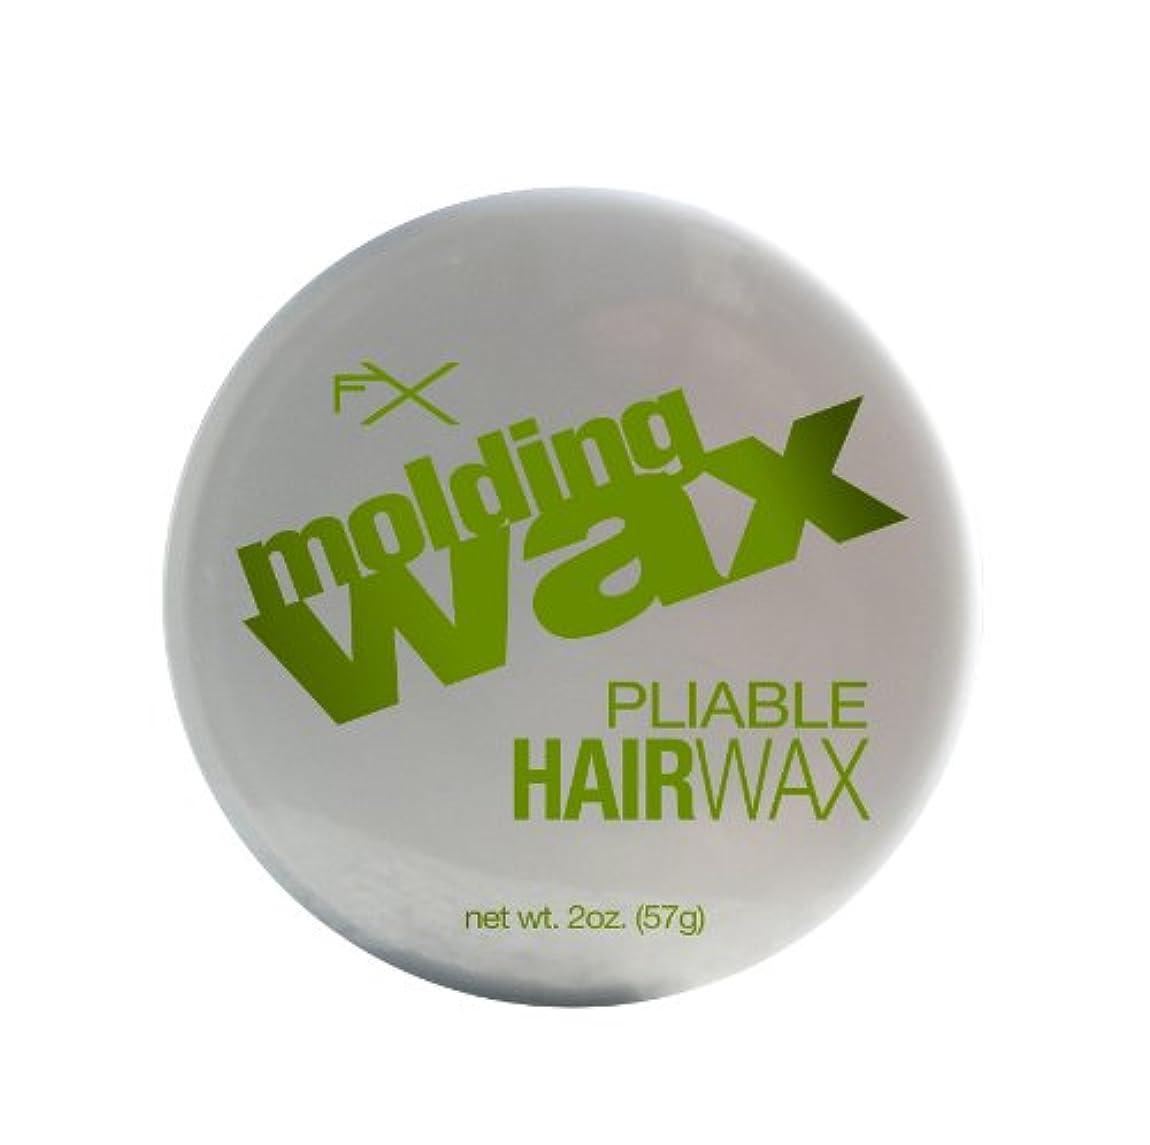 用心するあまりにもパキスタンしっかりスタイルヘアワックス 59ml (並行輸入品)